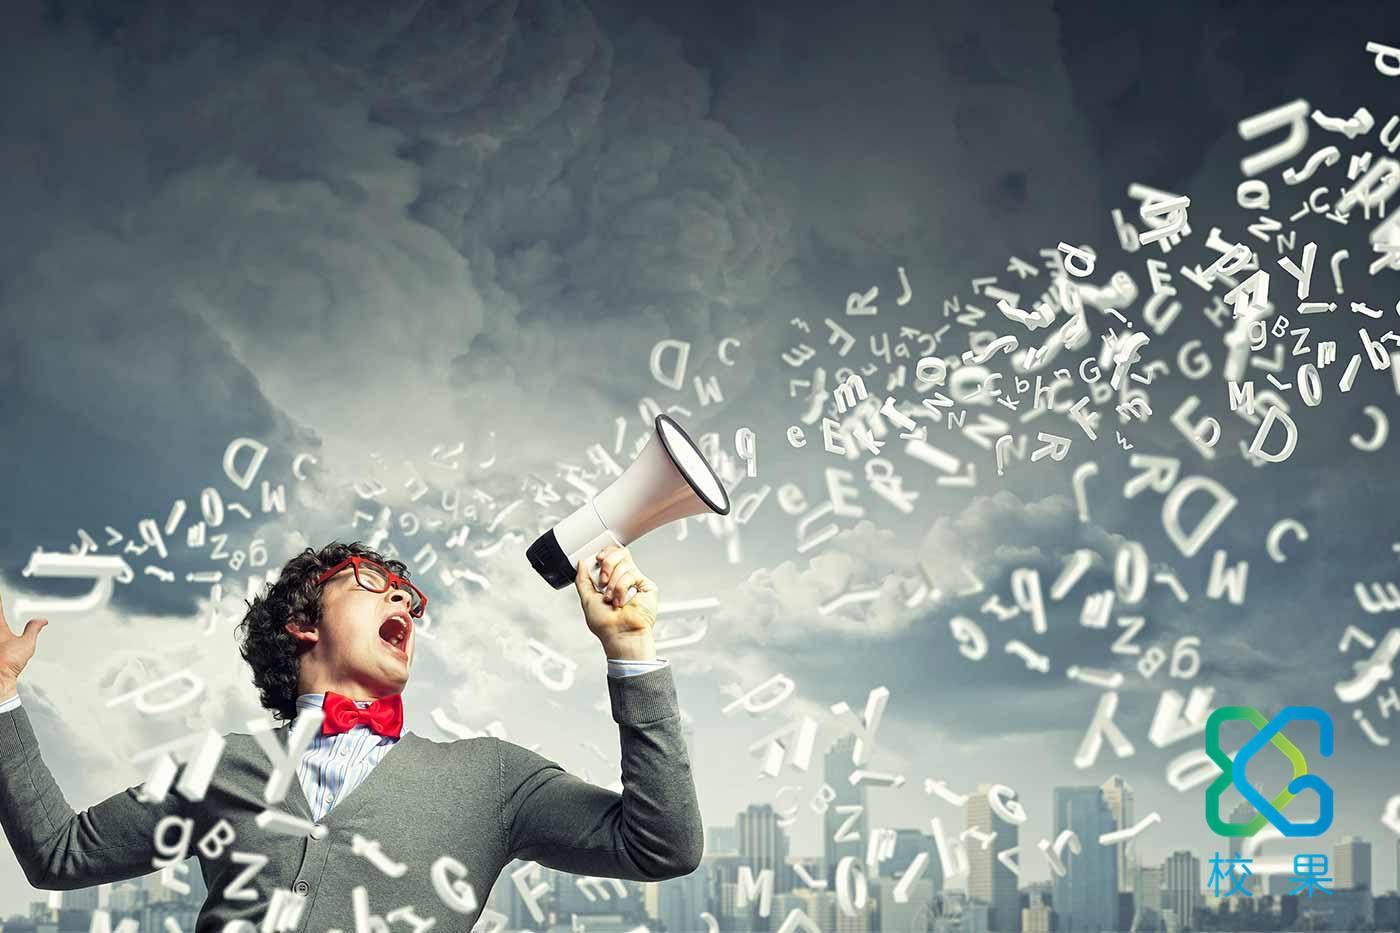 校园营销的同质化严重 品牌该如何破局校园营销? - 校果研究院 - 校园营销解决方案!